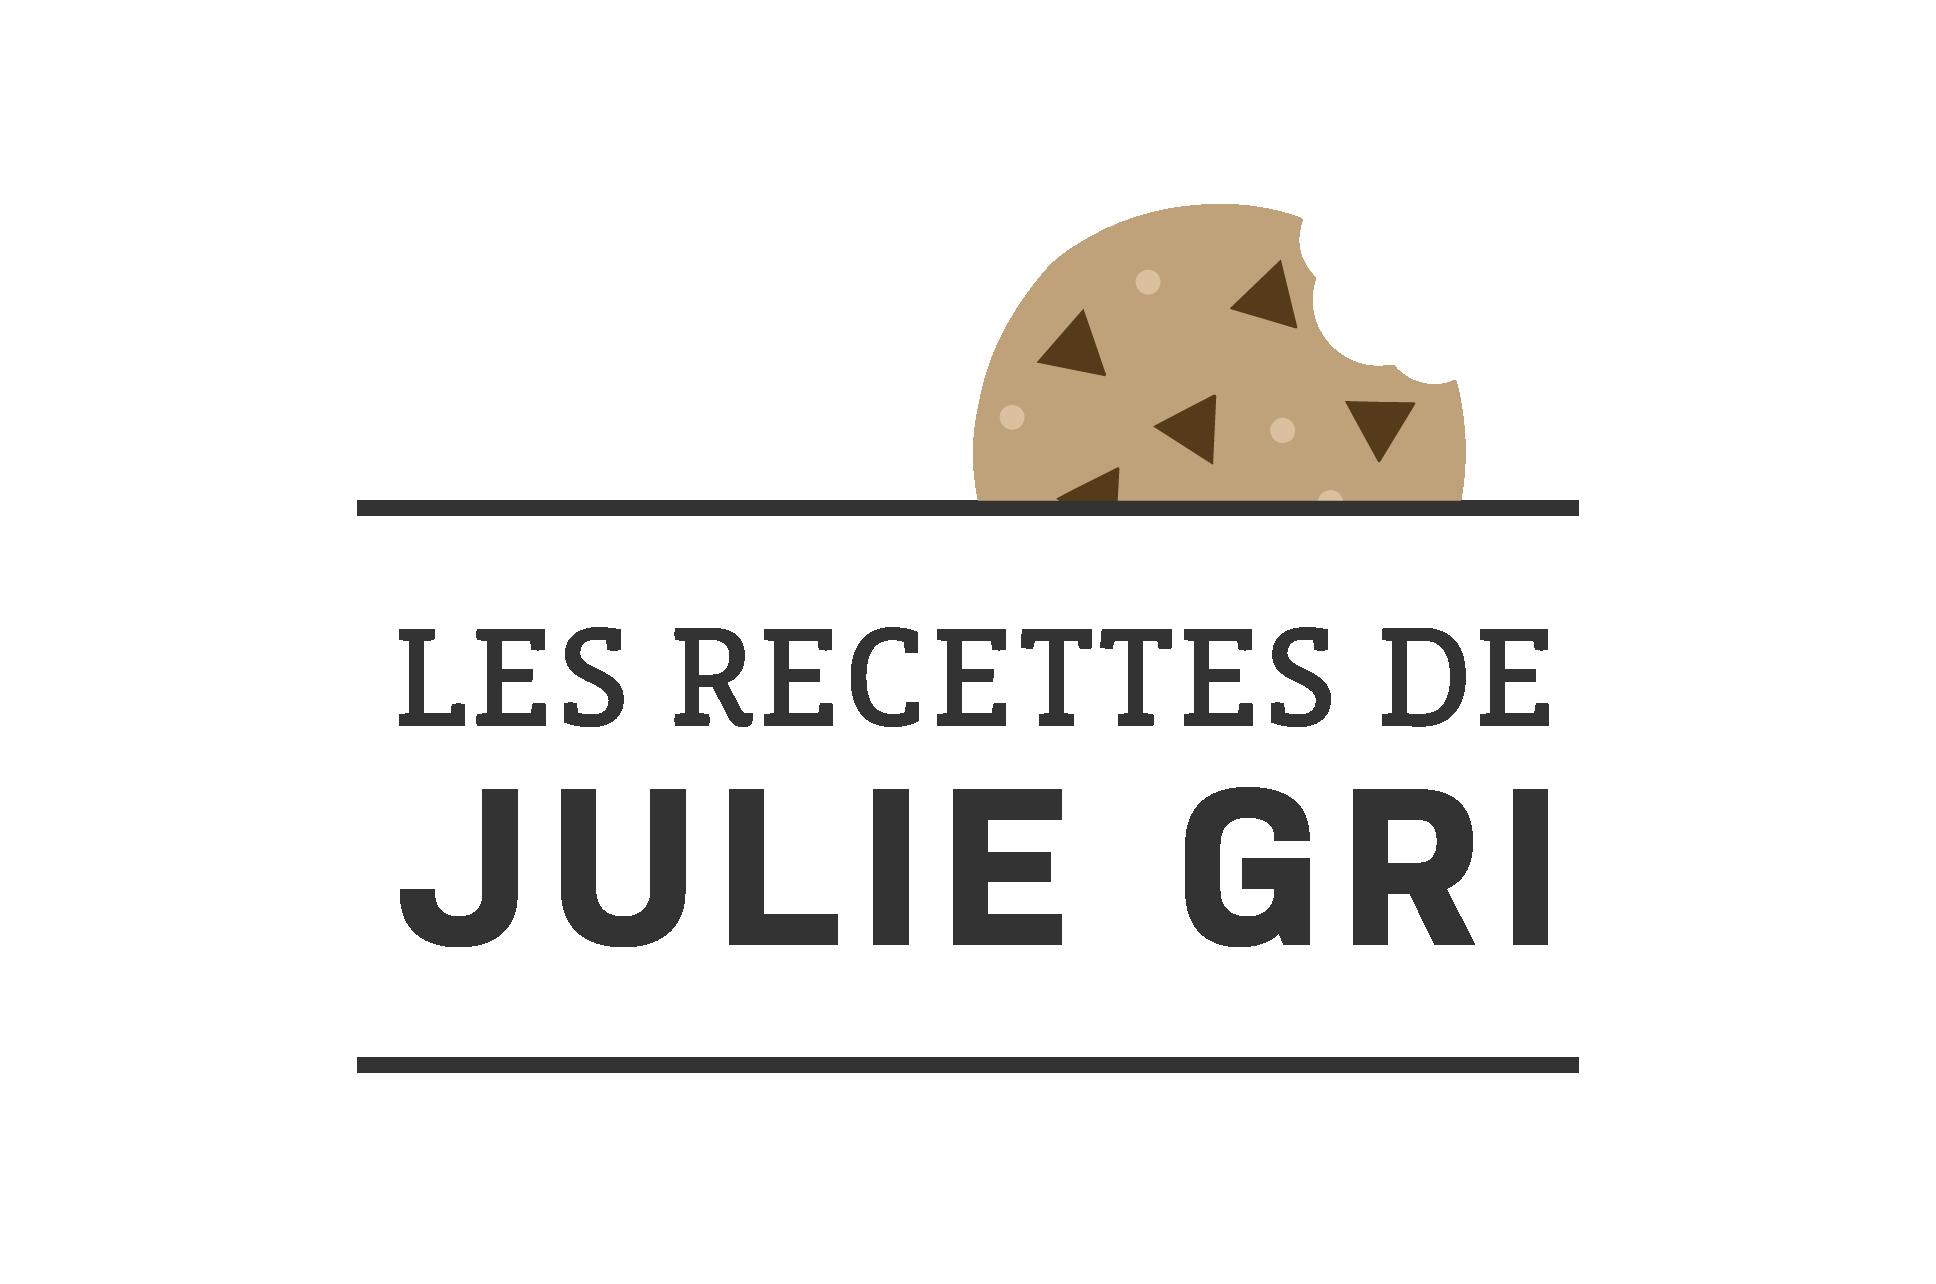 Les recettes de Julie Gri